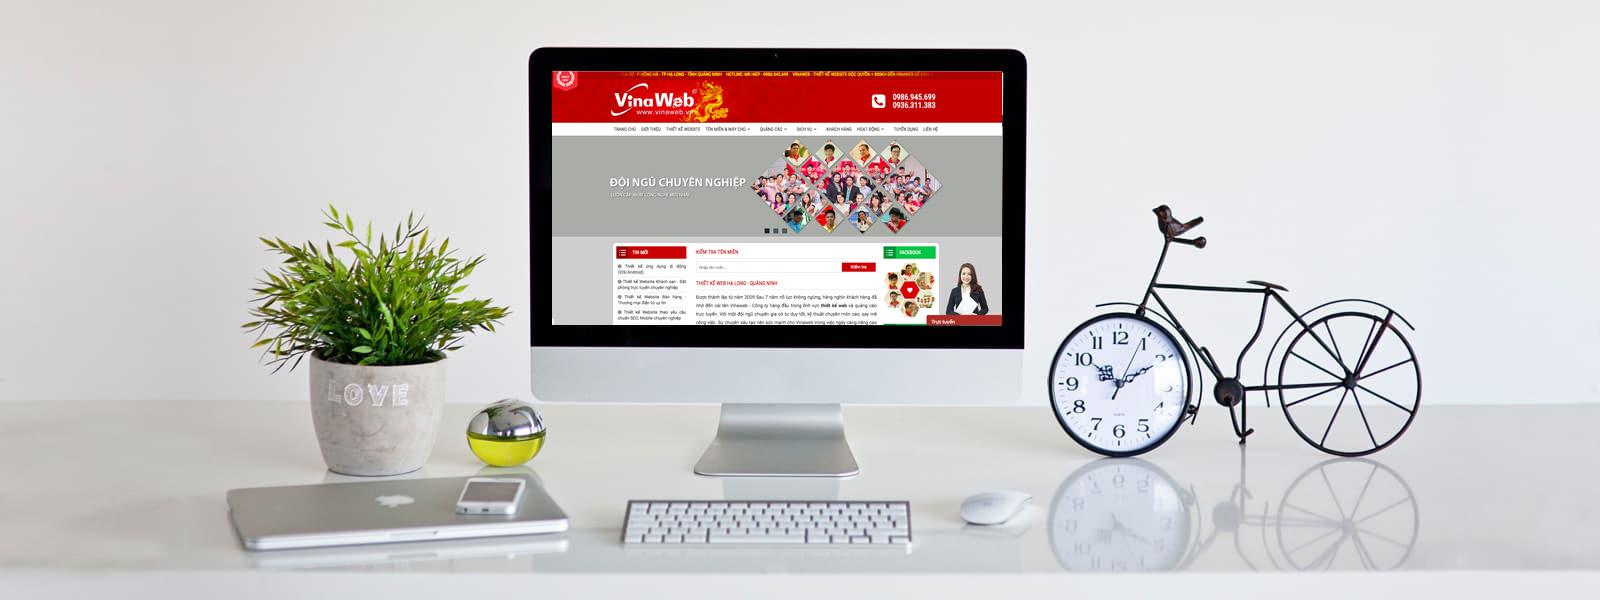 Thiết kế website chuyên nghiệp, chất lượng, giá tốt